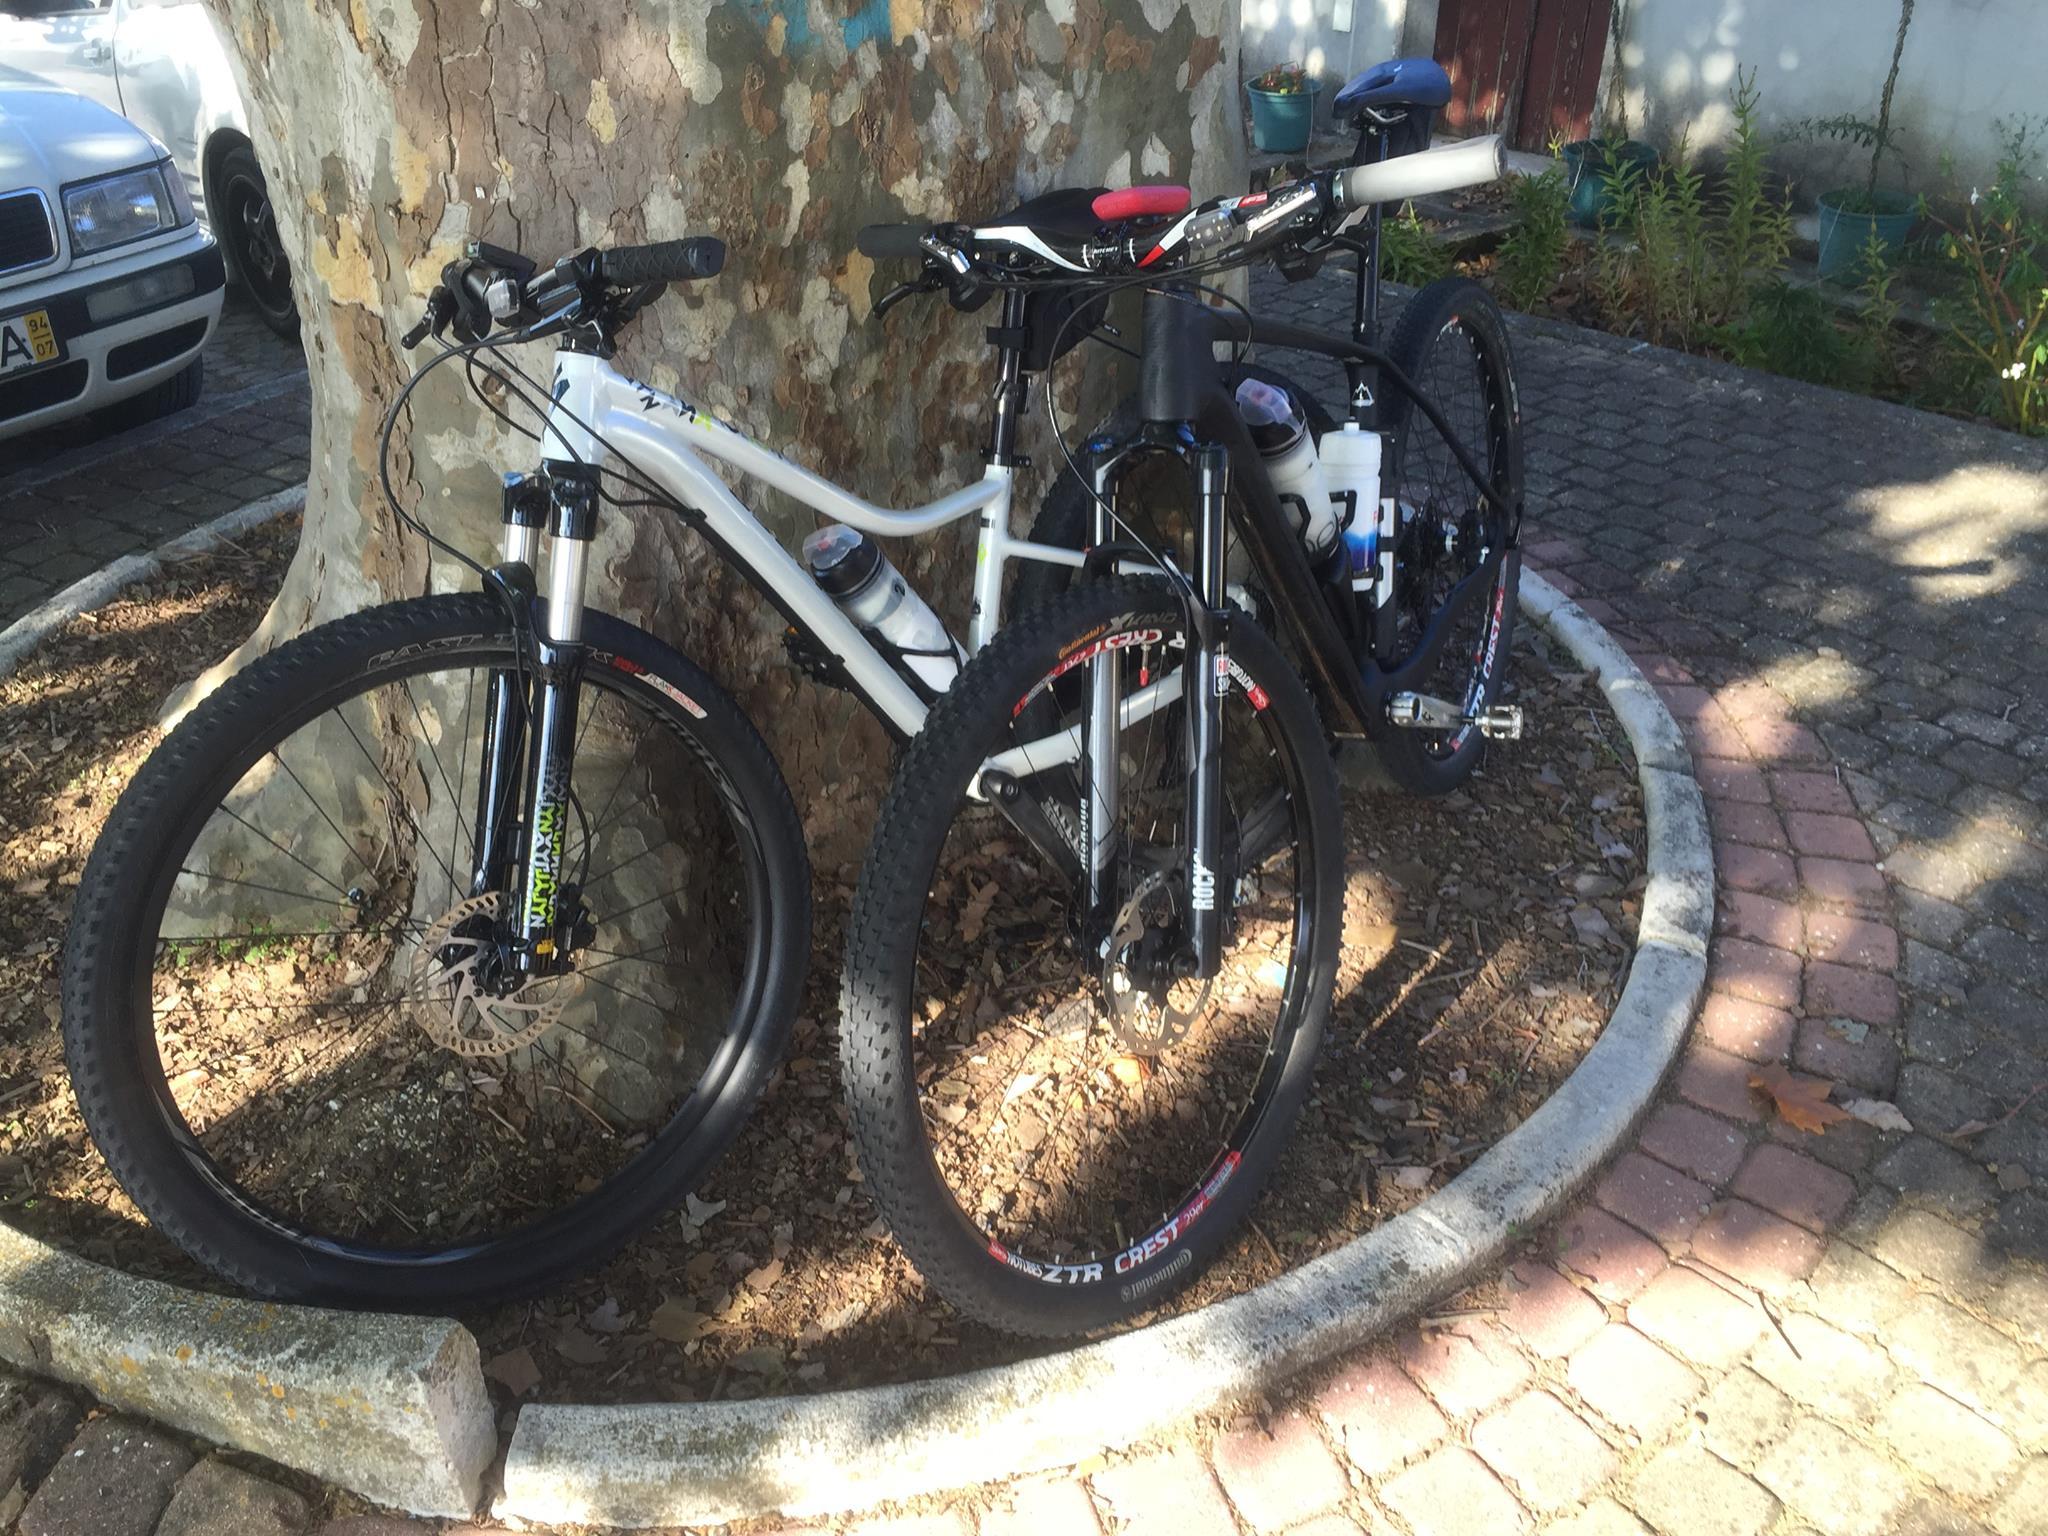 bicicletas-roubadas-na-figueira-da-foz-7